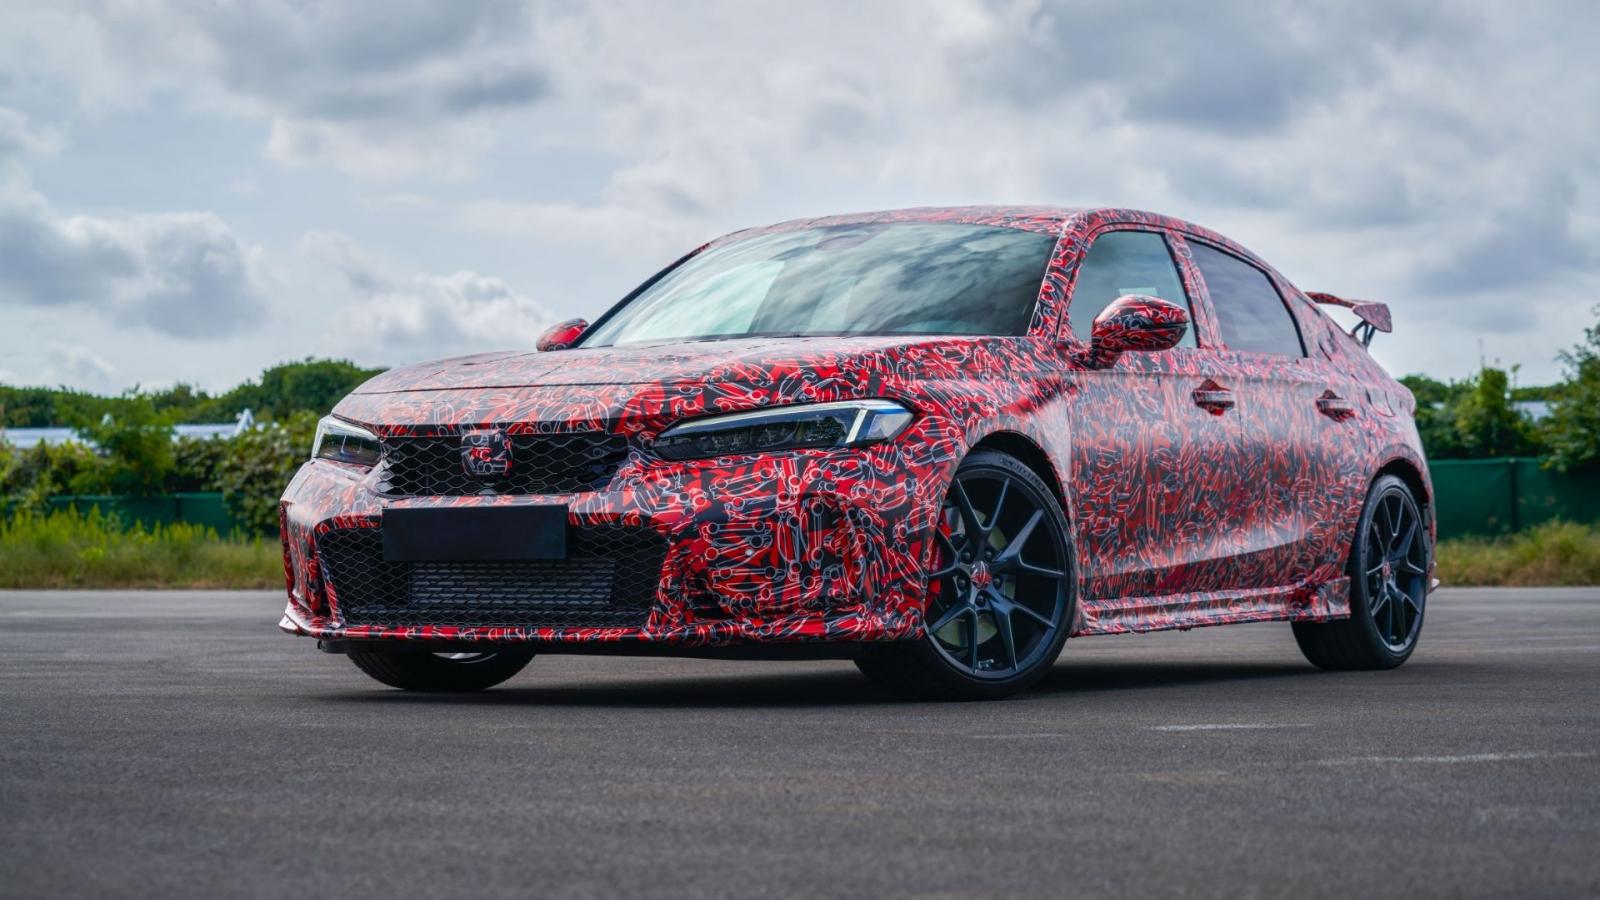 Lộ diện Honda Civic Type R mới sắp ra mắt